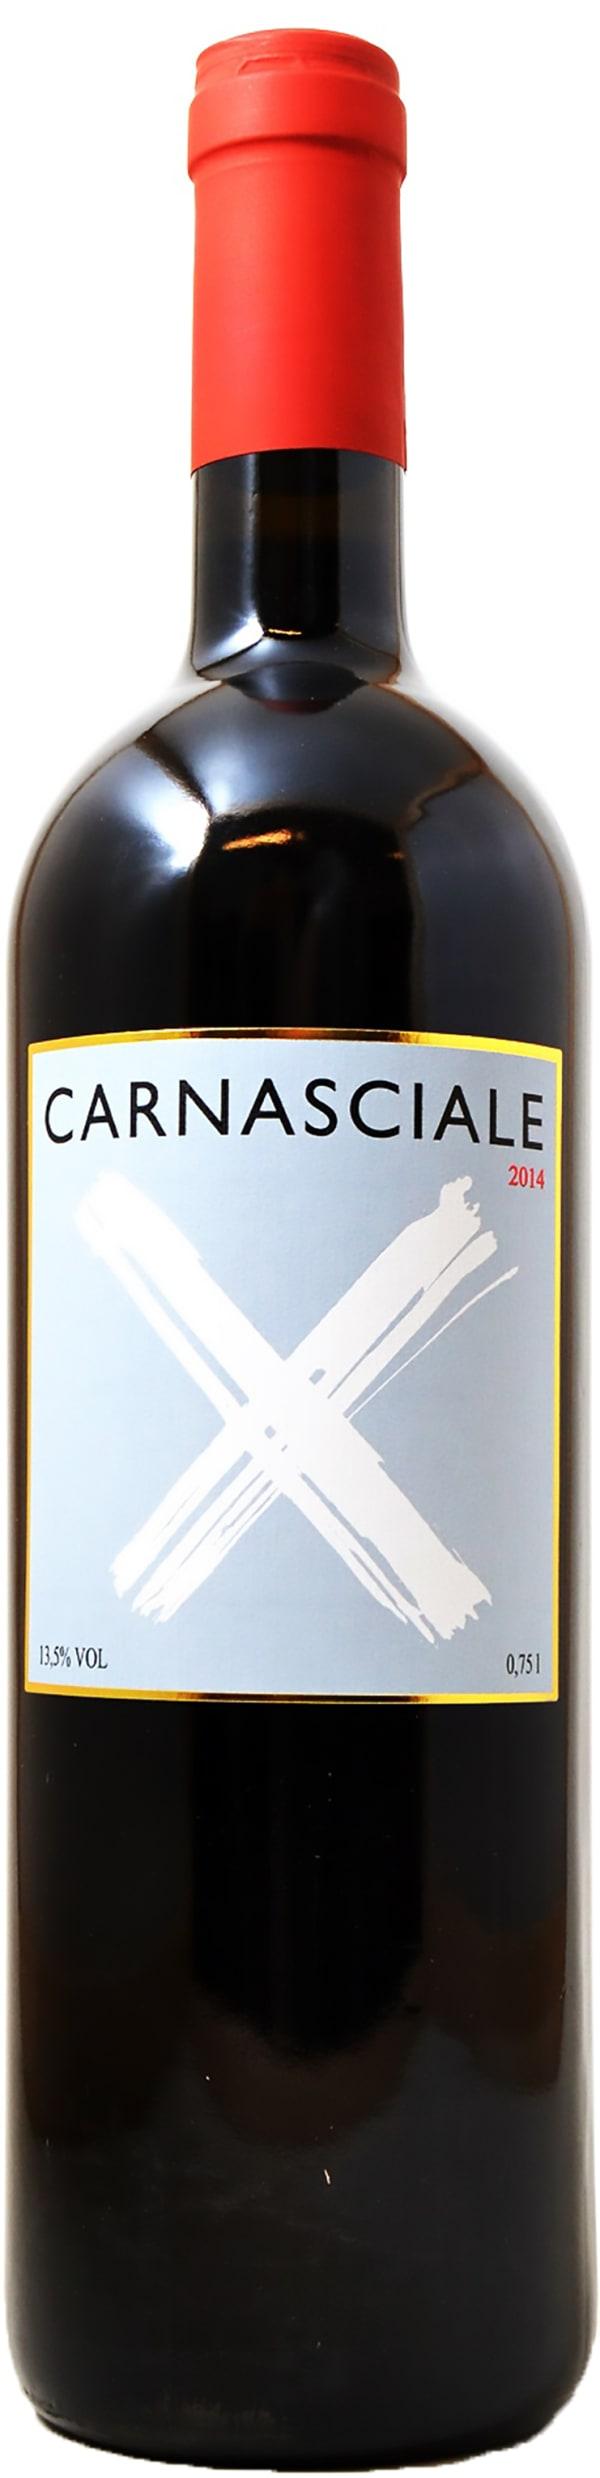 Carnasciale 2014